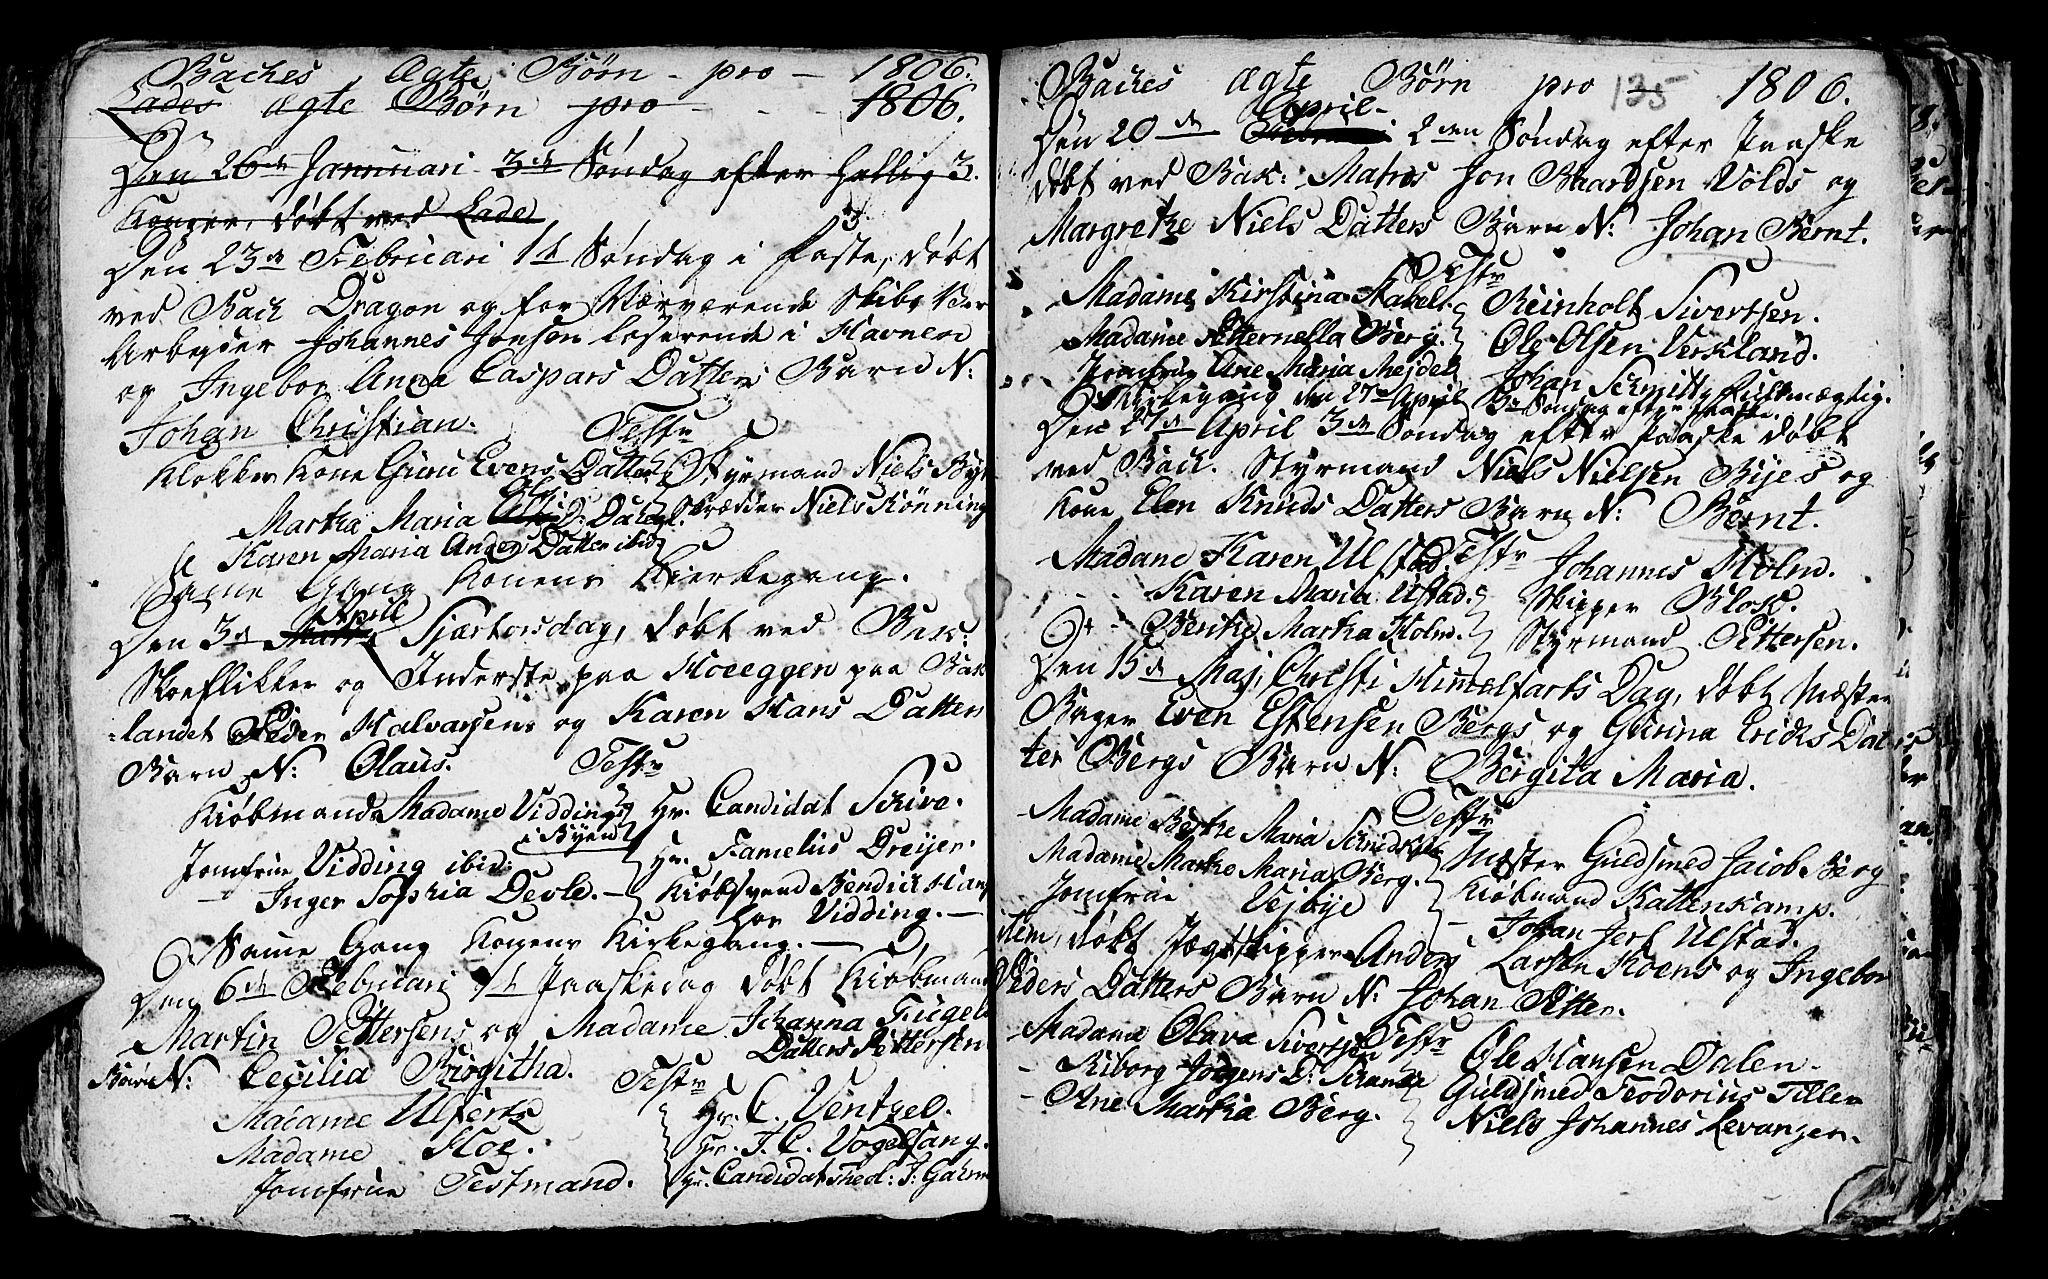 SAT, Ministerialprotokoller, klokkerbøker og fødselsregistre - Sør-Trøndelag, 604/L0218: Klokkerbok nr. 604C01, 1754-1819, s. 135